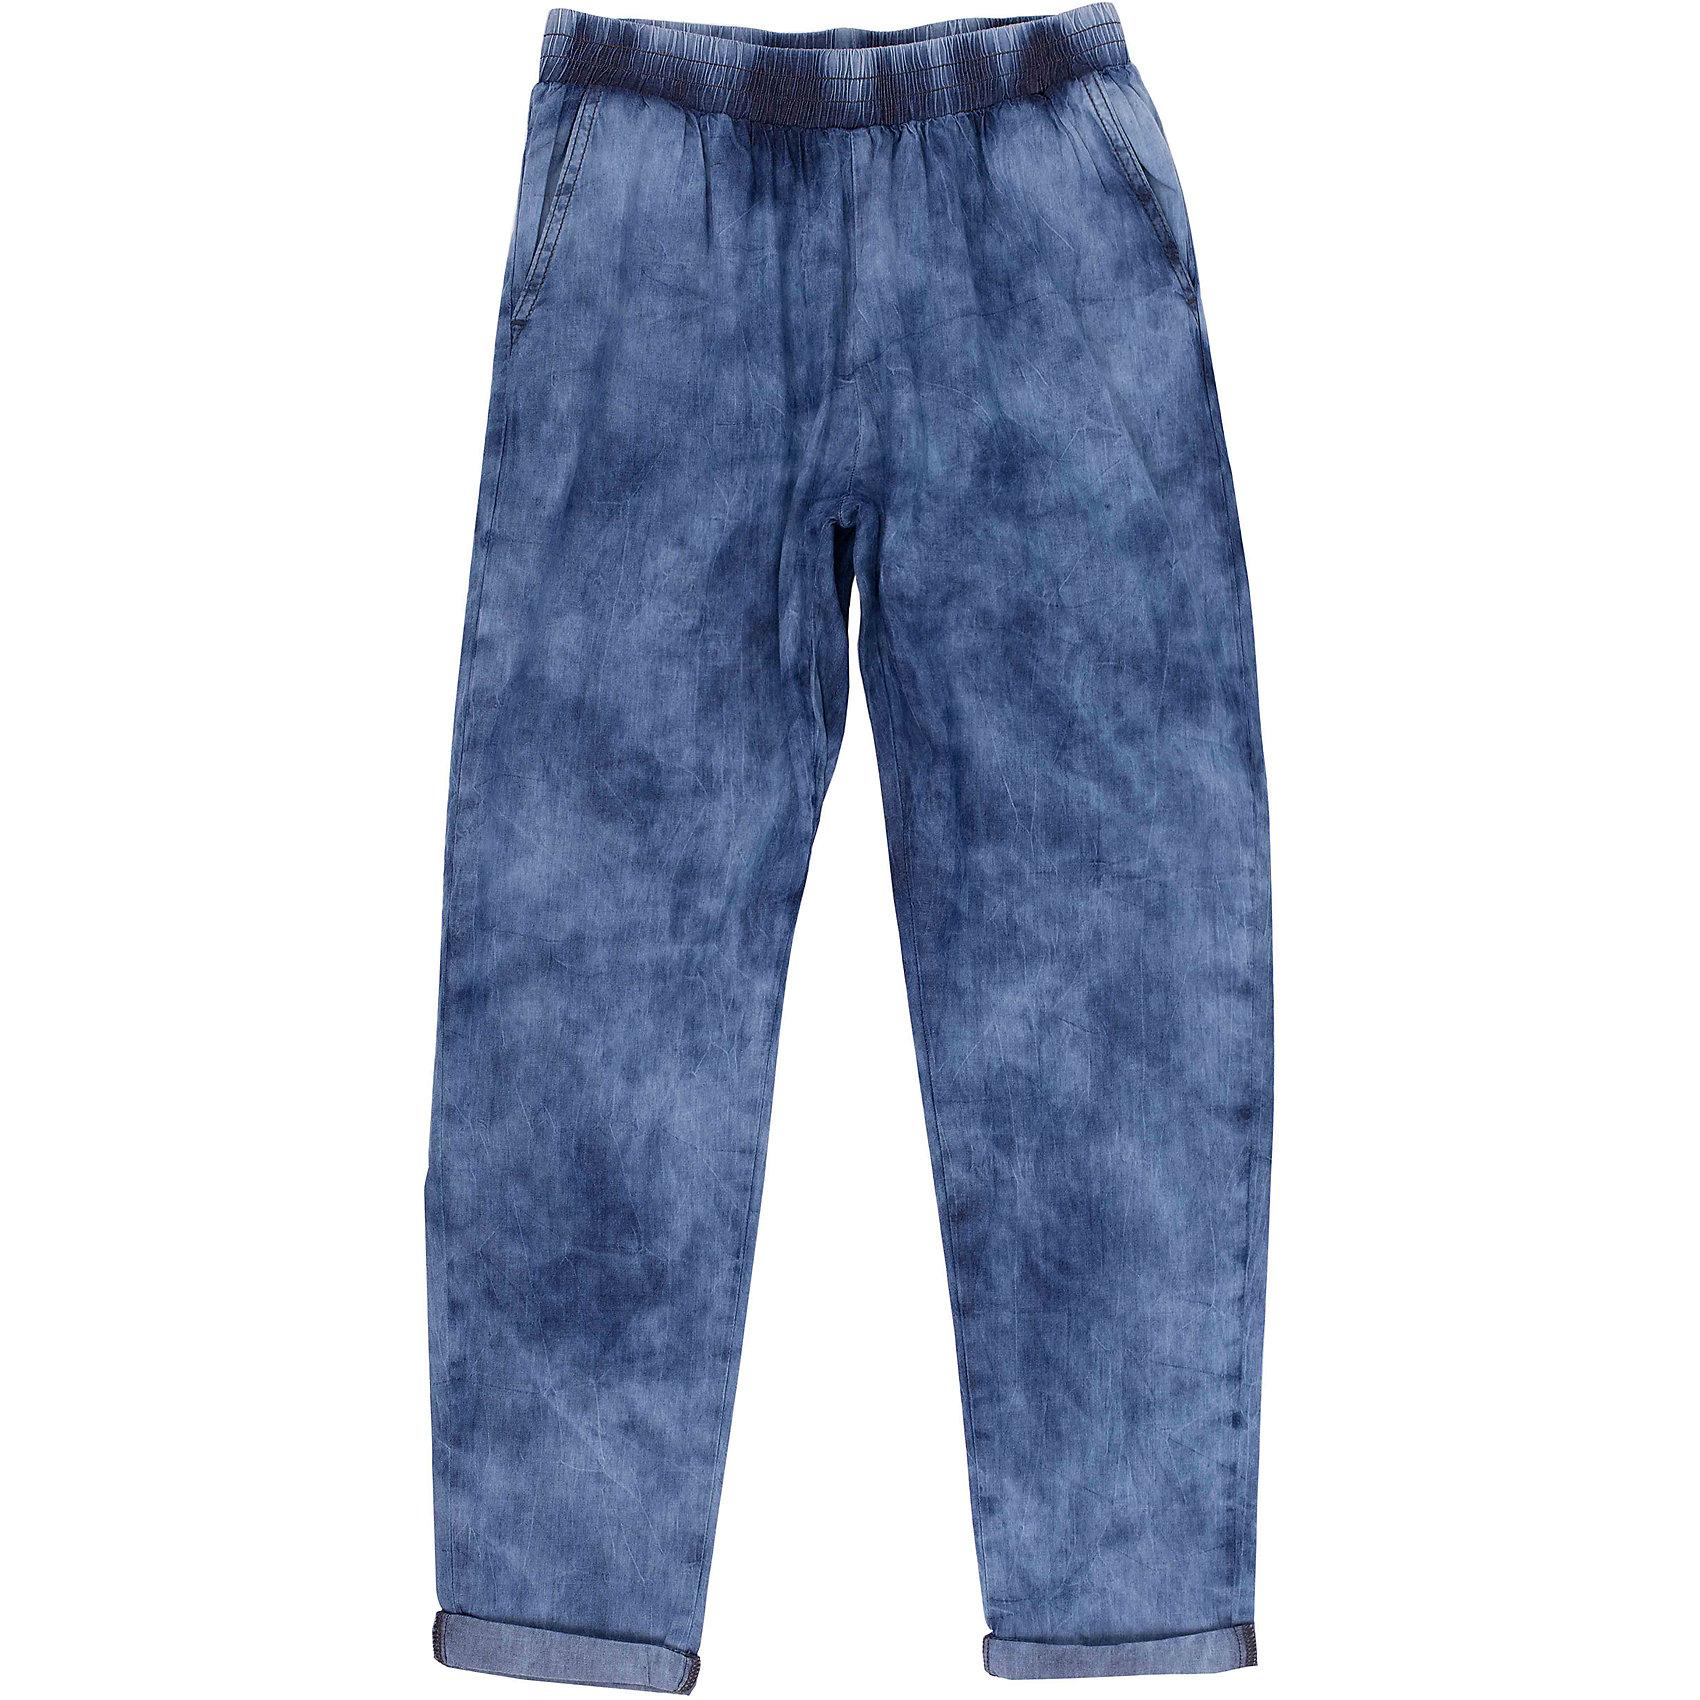 Джинсы для девочки GulliverДжинсовая одежда<br>Модные джинсовые брюки для девочки - отличный вариант на каждый день! Эту модель  называют брюки-каррот (брюки-морковки), т.к. они свободны в верхней части и заужены к низу. Брюки имеют удобные карманы и пояс на резинке. Если вы решили купить модные летние брюки для девочки-подростка, эта модель - именно то, что нужно!<br>Состав:<br>100% хлопок<br><br>Ширина мм: 215<br>Глубина мм: 88<br>Высота мм: 191<br>Вес г: 336<br>Цвет: голубой<br>Возраст от месяцев: 120<br>Возраст до месяцев: 132<br>Пол: Женский<br>Возраст: Детский<br>Размер: 146,158,164,152<br>SKU: 4535058